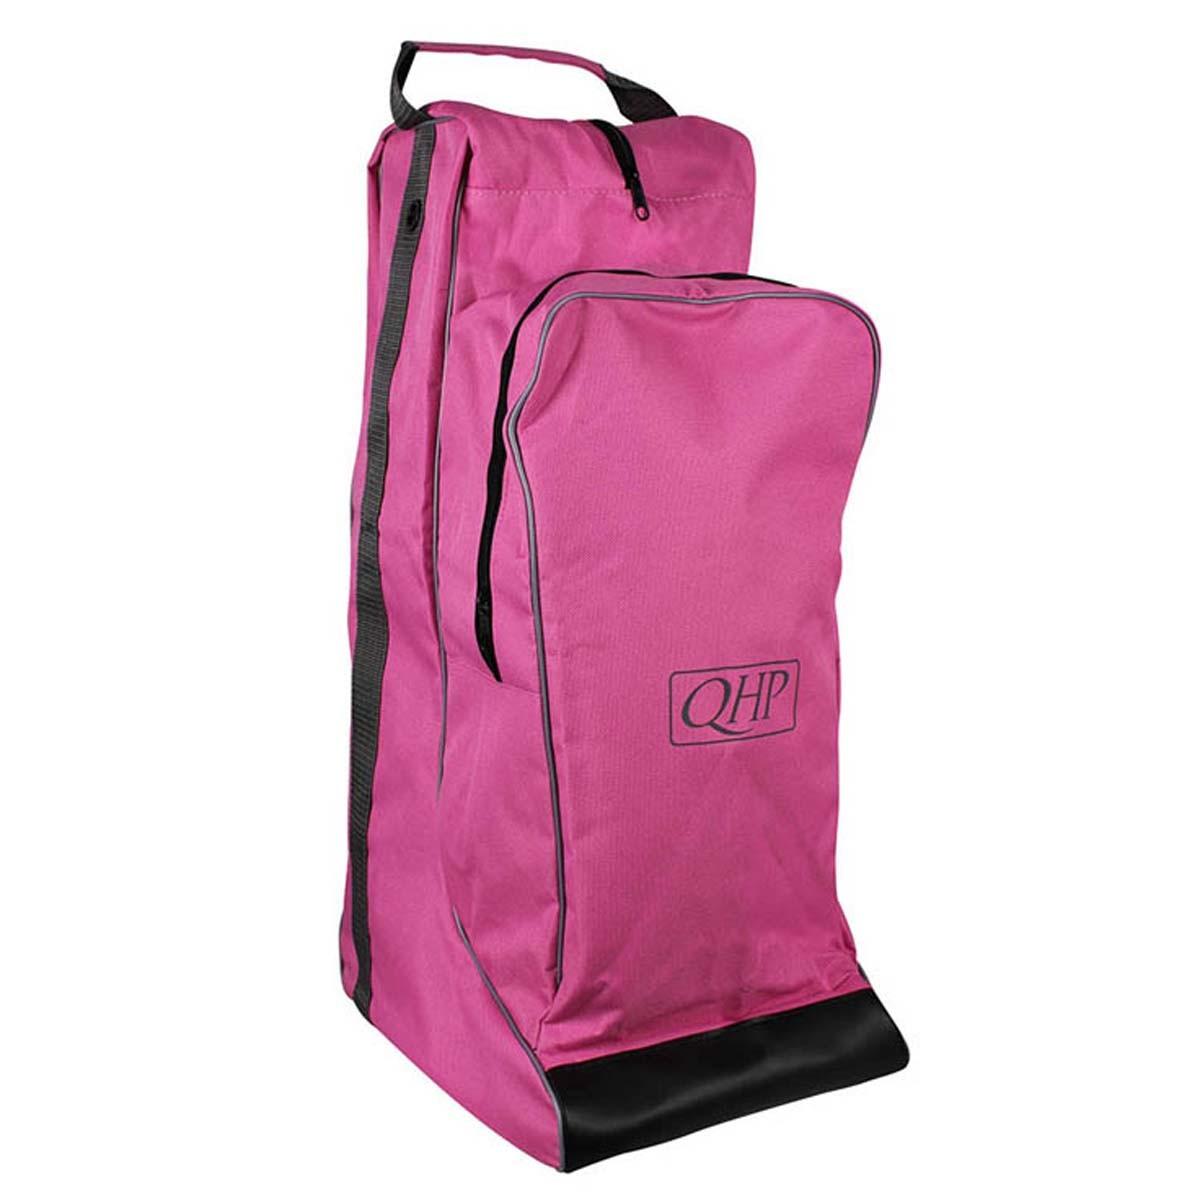 QHP Combi Laarzen/Captas roze